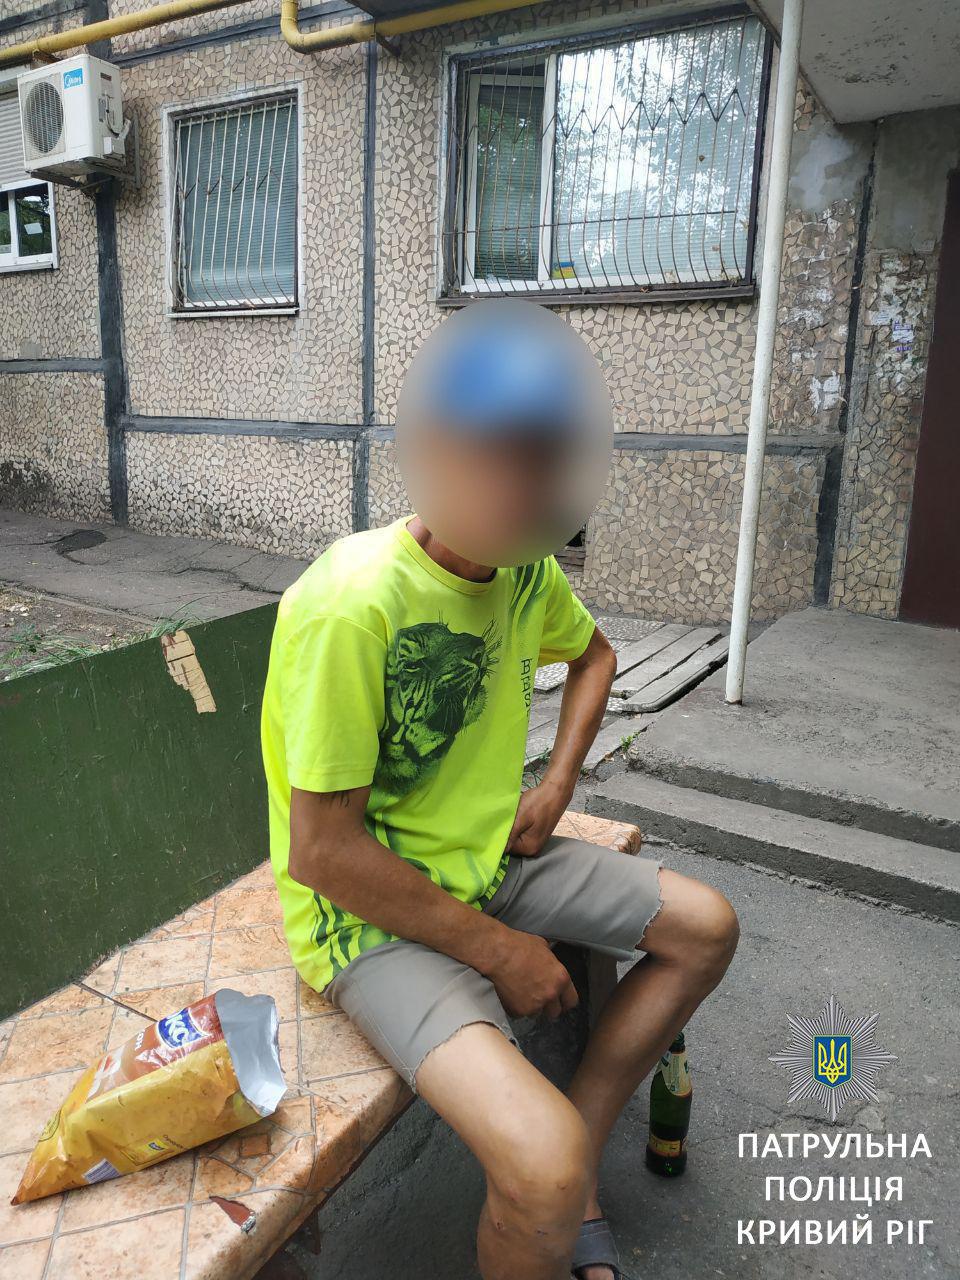 """Криворожанин, распивавший алкоголь во дворе, прятал """"ширку"""", - ФОТО, фото-2"""